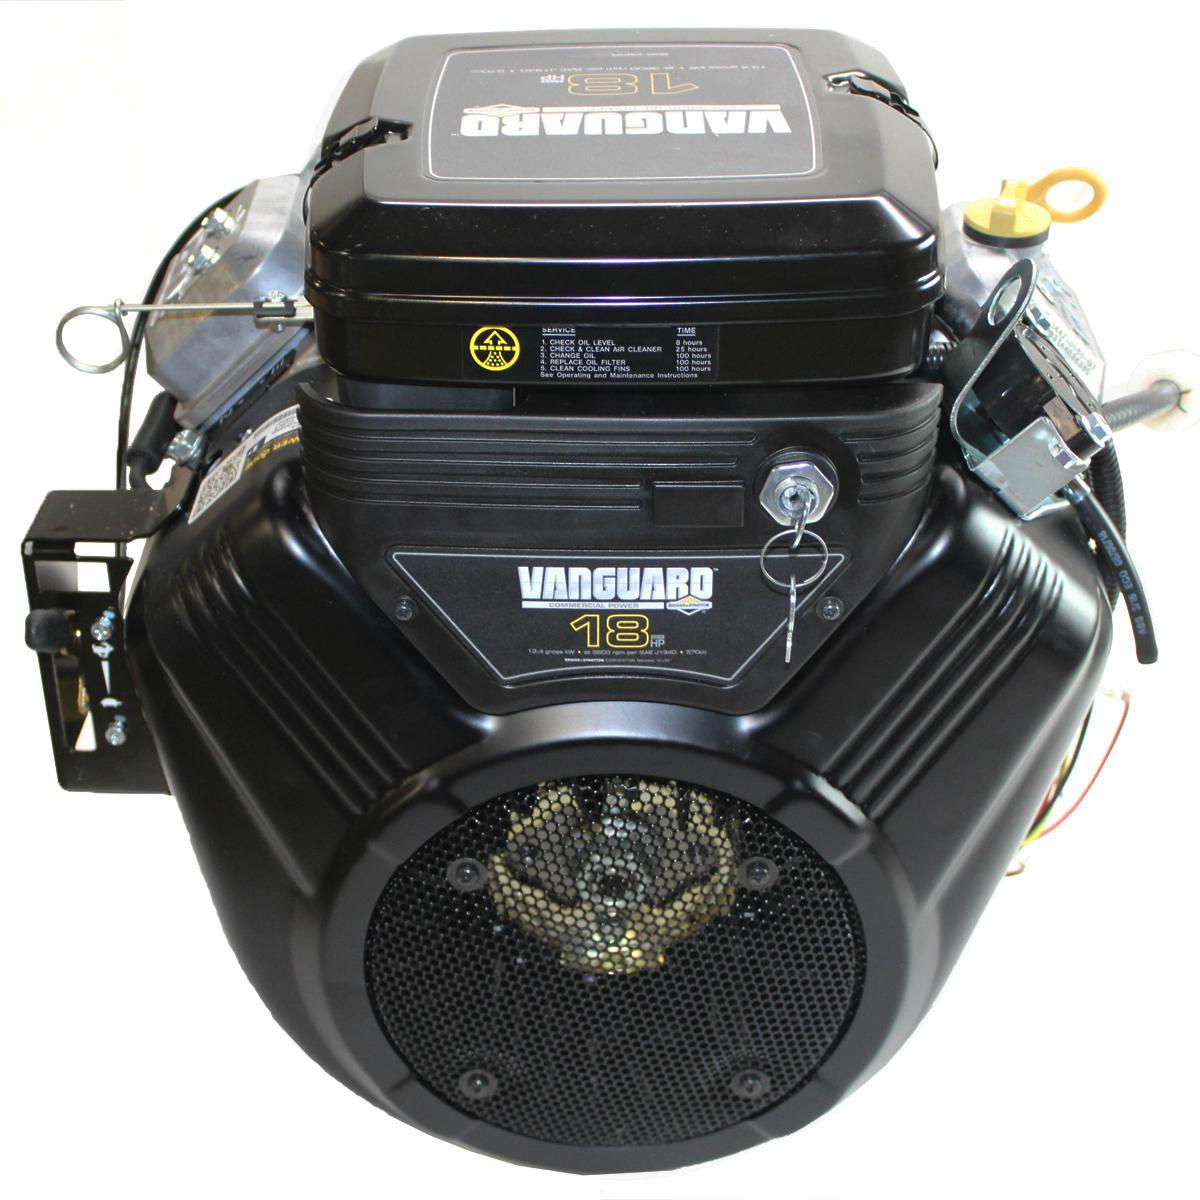 Cub Cadet 3185 Repower